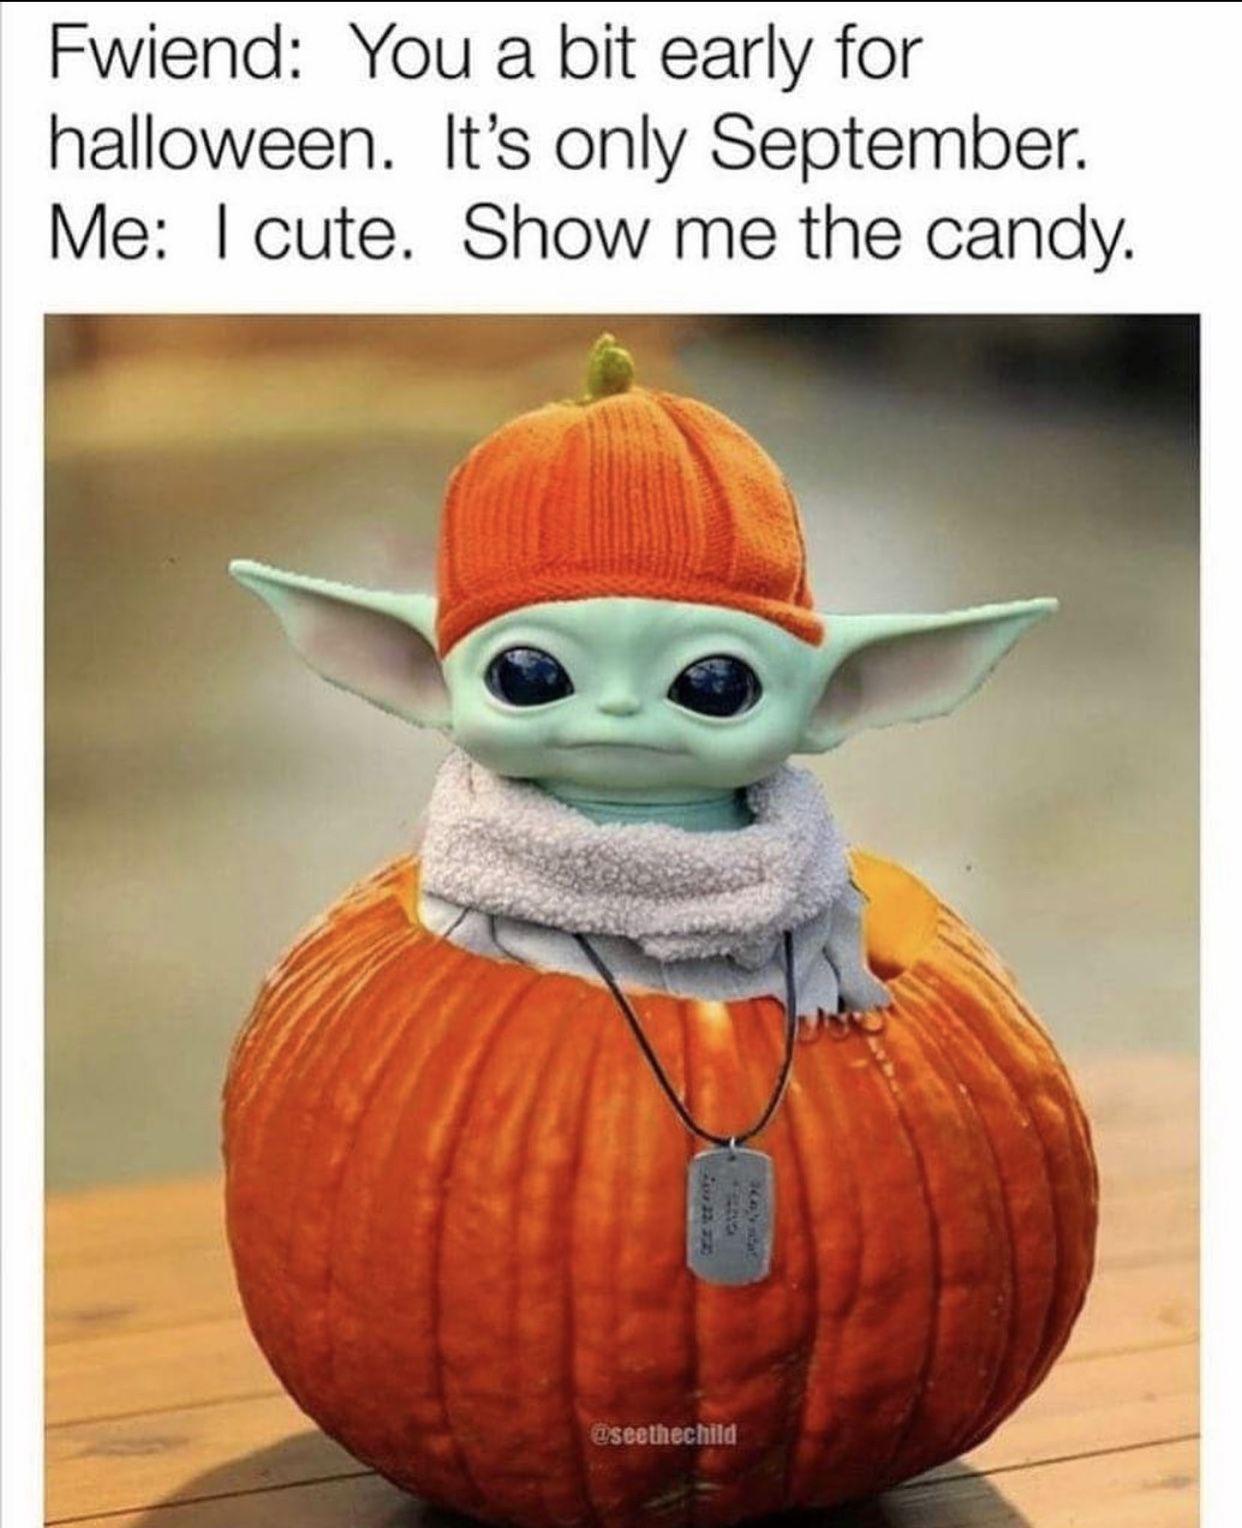 Pin By Maharani Mardhotillah On Cute Star Wars Baby Yoda Funny Yoda Images